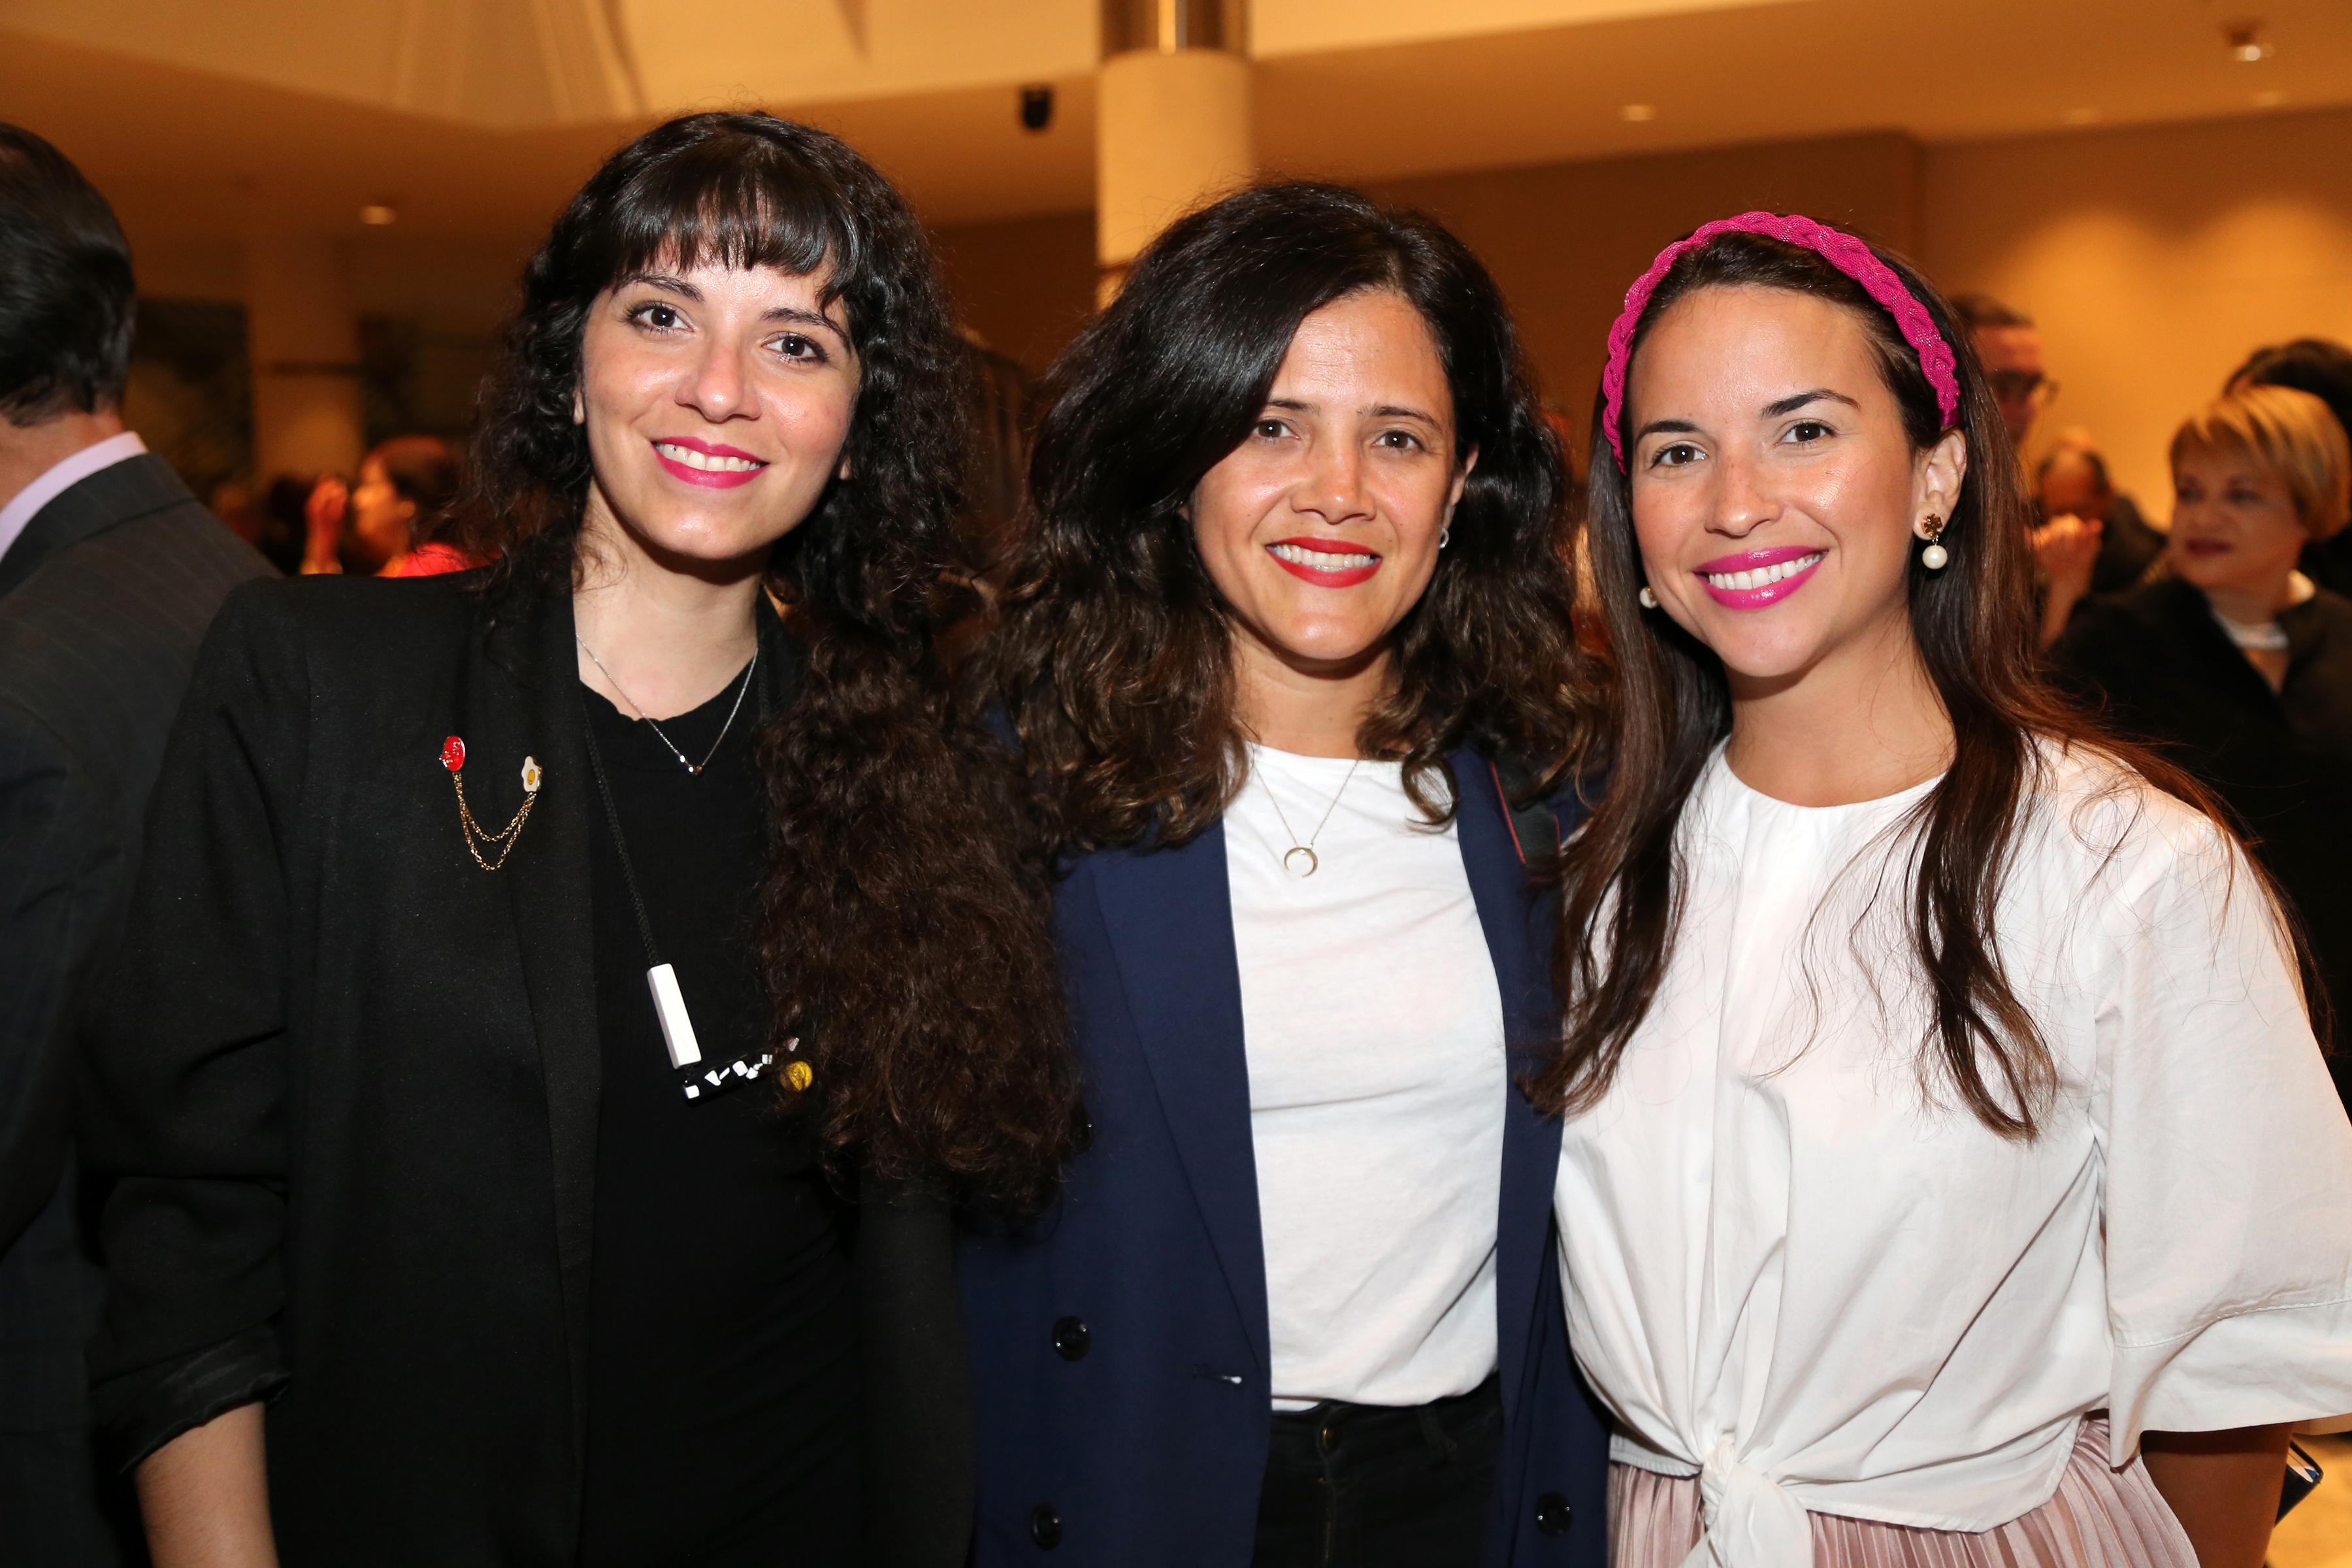 Odalis Gómez, Daliana Alvarado y Hazel Colón. Foto Nichole Saldarriaga